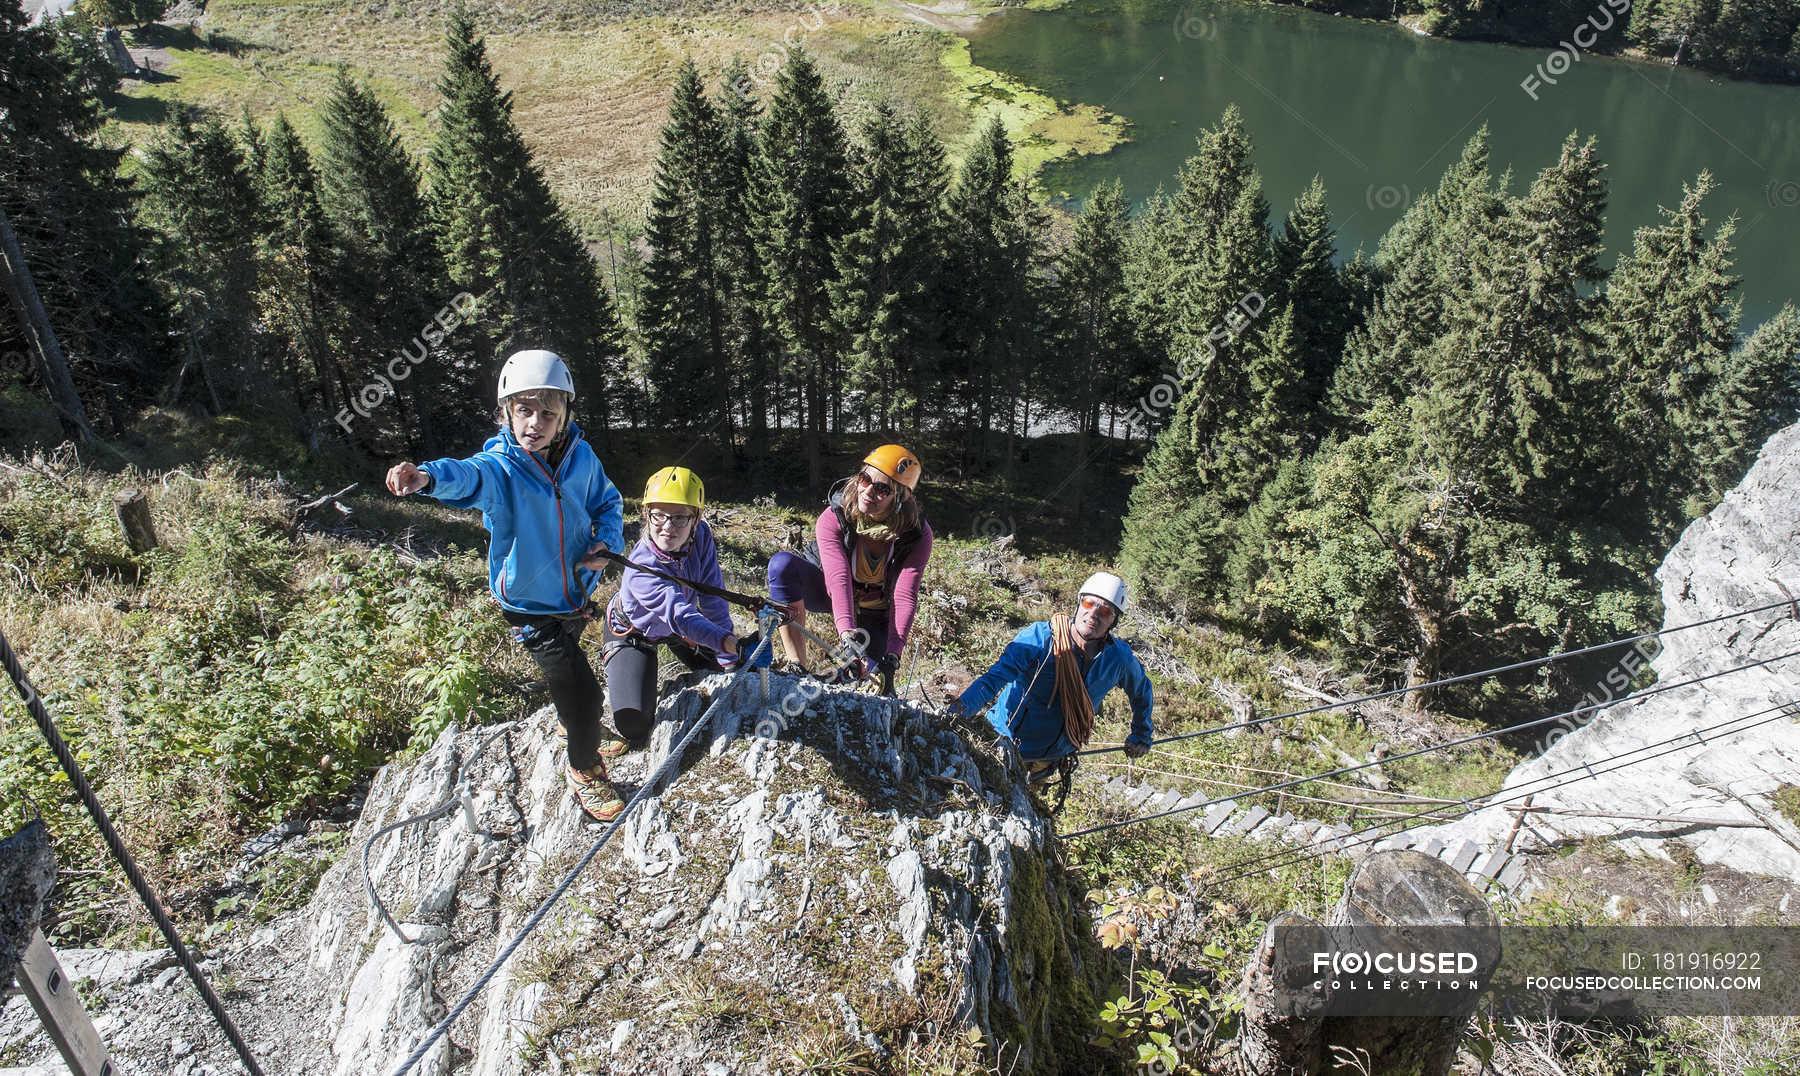 Kletterausrüstung Salzburg : Austria salzburg state altenmarkt zauchensee family climbing in